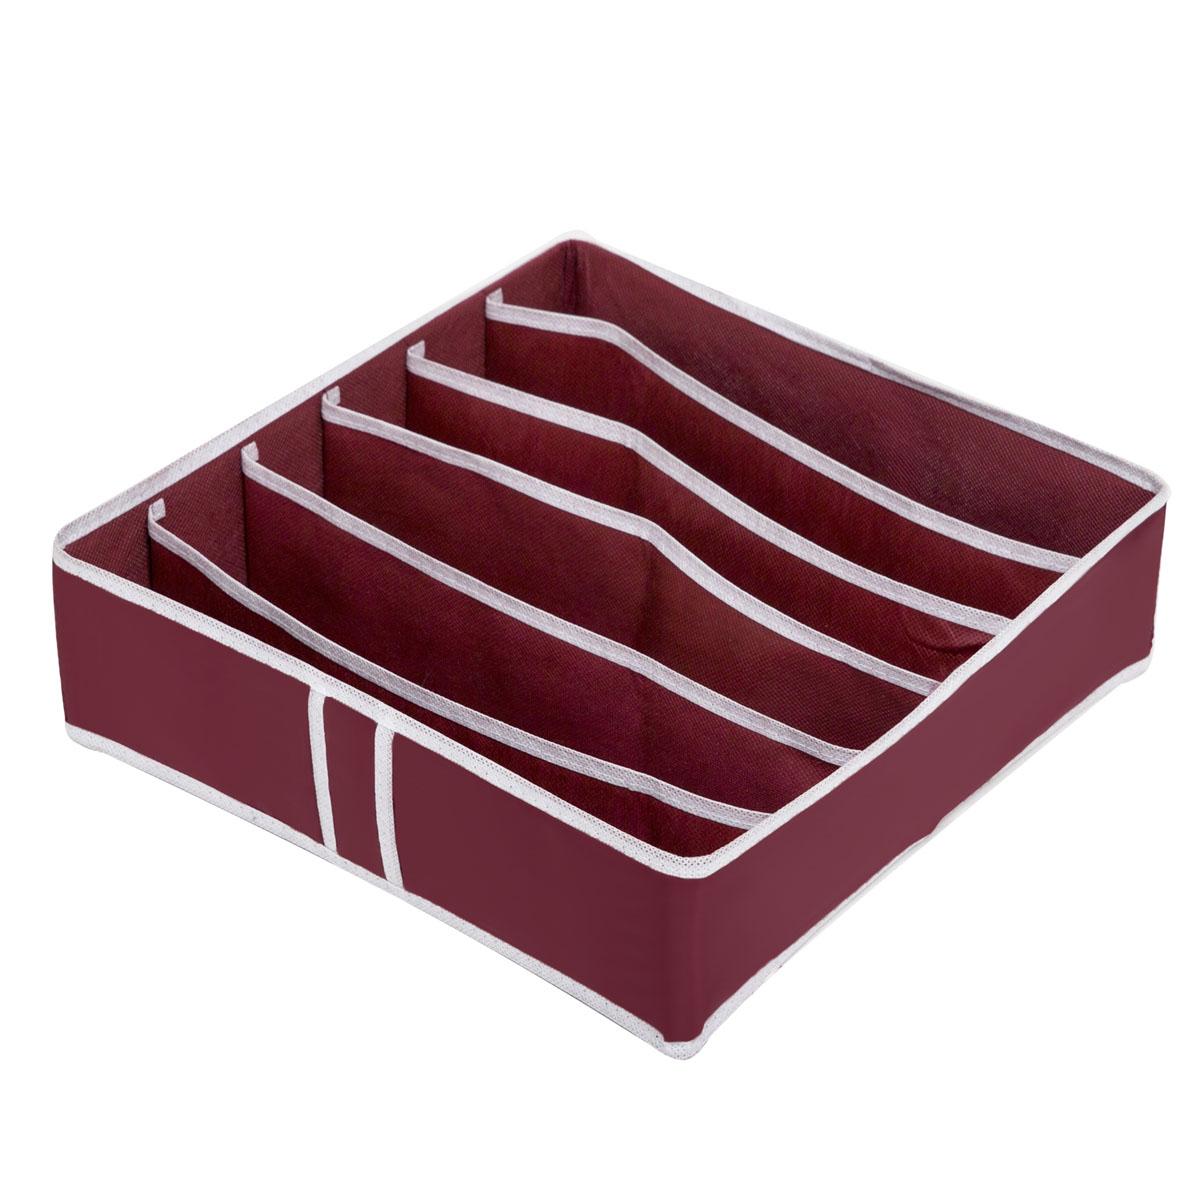 Органайзер для хранения Homsu Red Rose, 6 секций, 35 x 35 x 10 см органайзер 6 секций 31х24х11 homsu